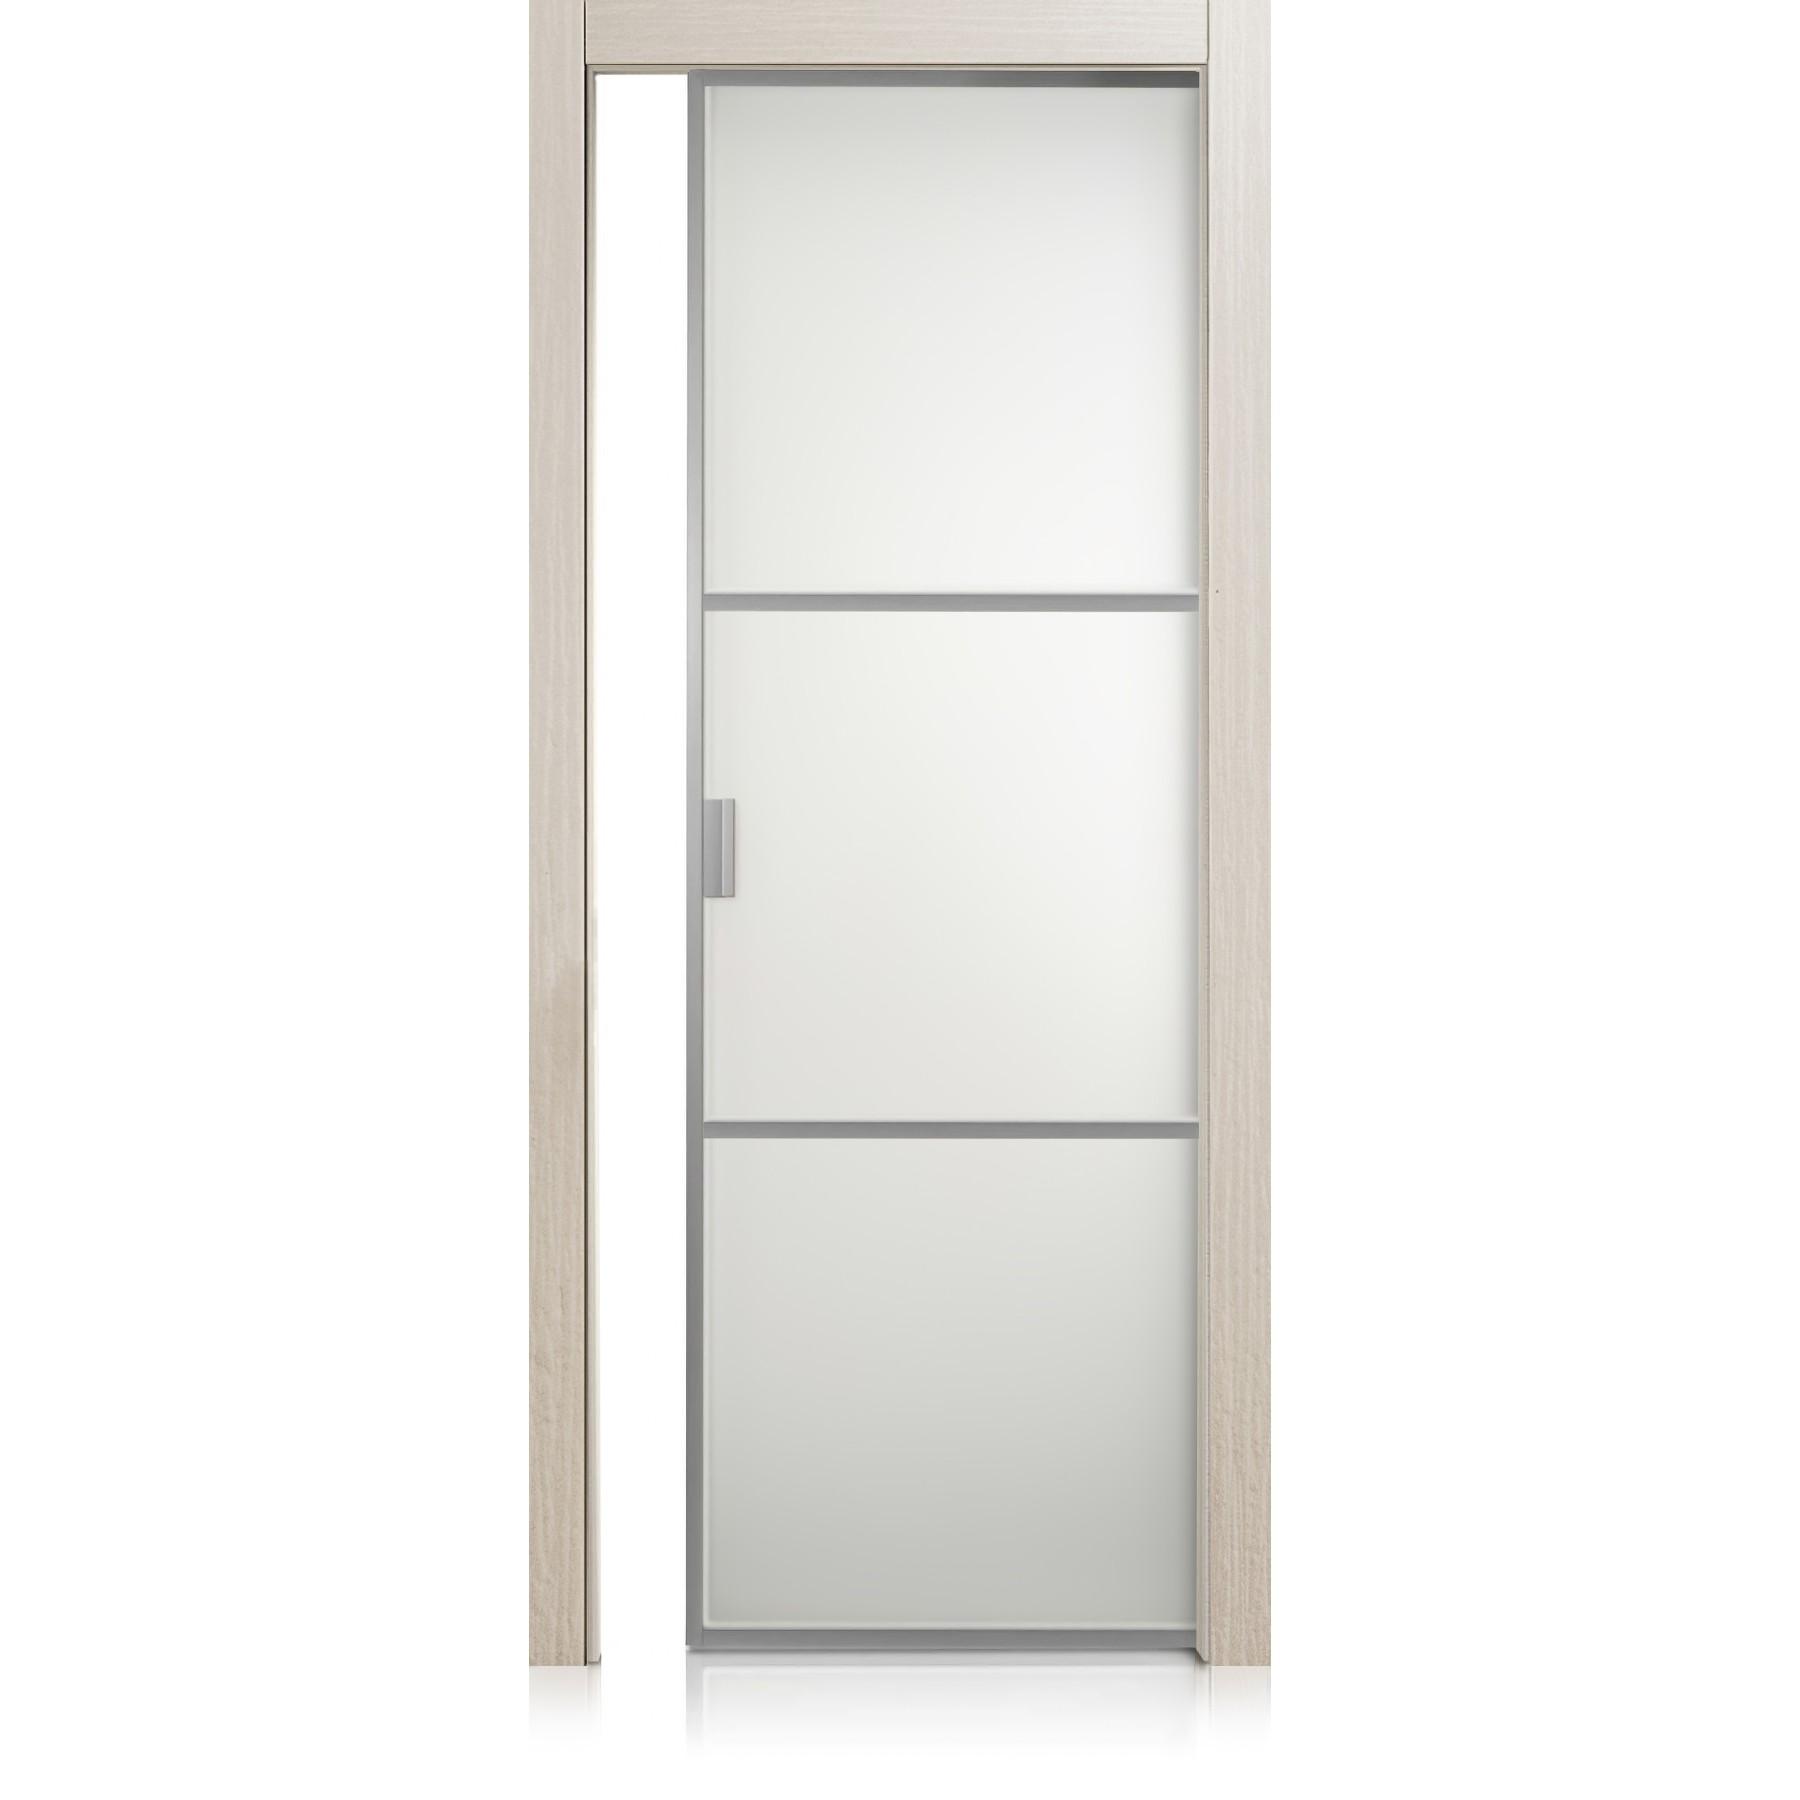 Cristal Frame / 2 materic greige door